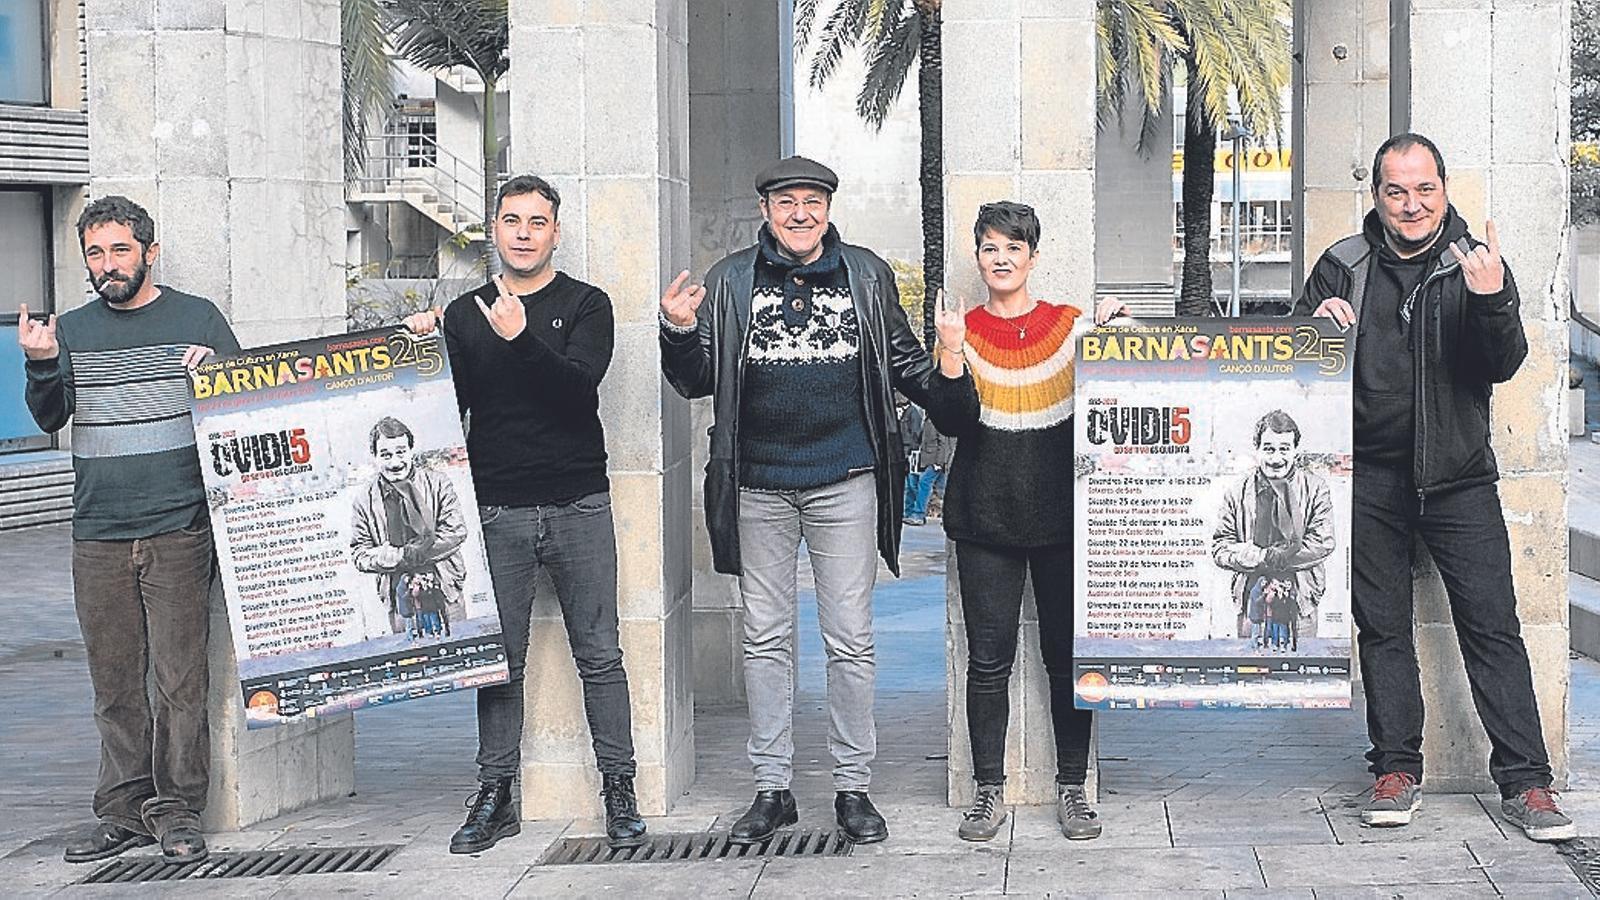 Borja Penalba, David Caño, Pere Camps (director del Barnasants), Mireia Vives i David Fernàndez davant de les Cotxeres de Sants